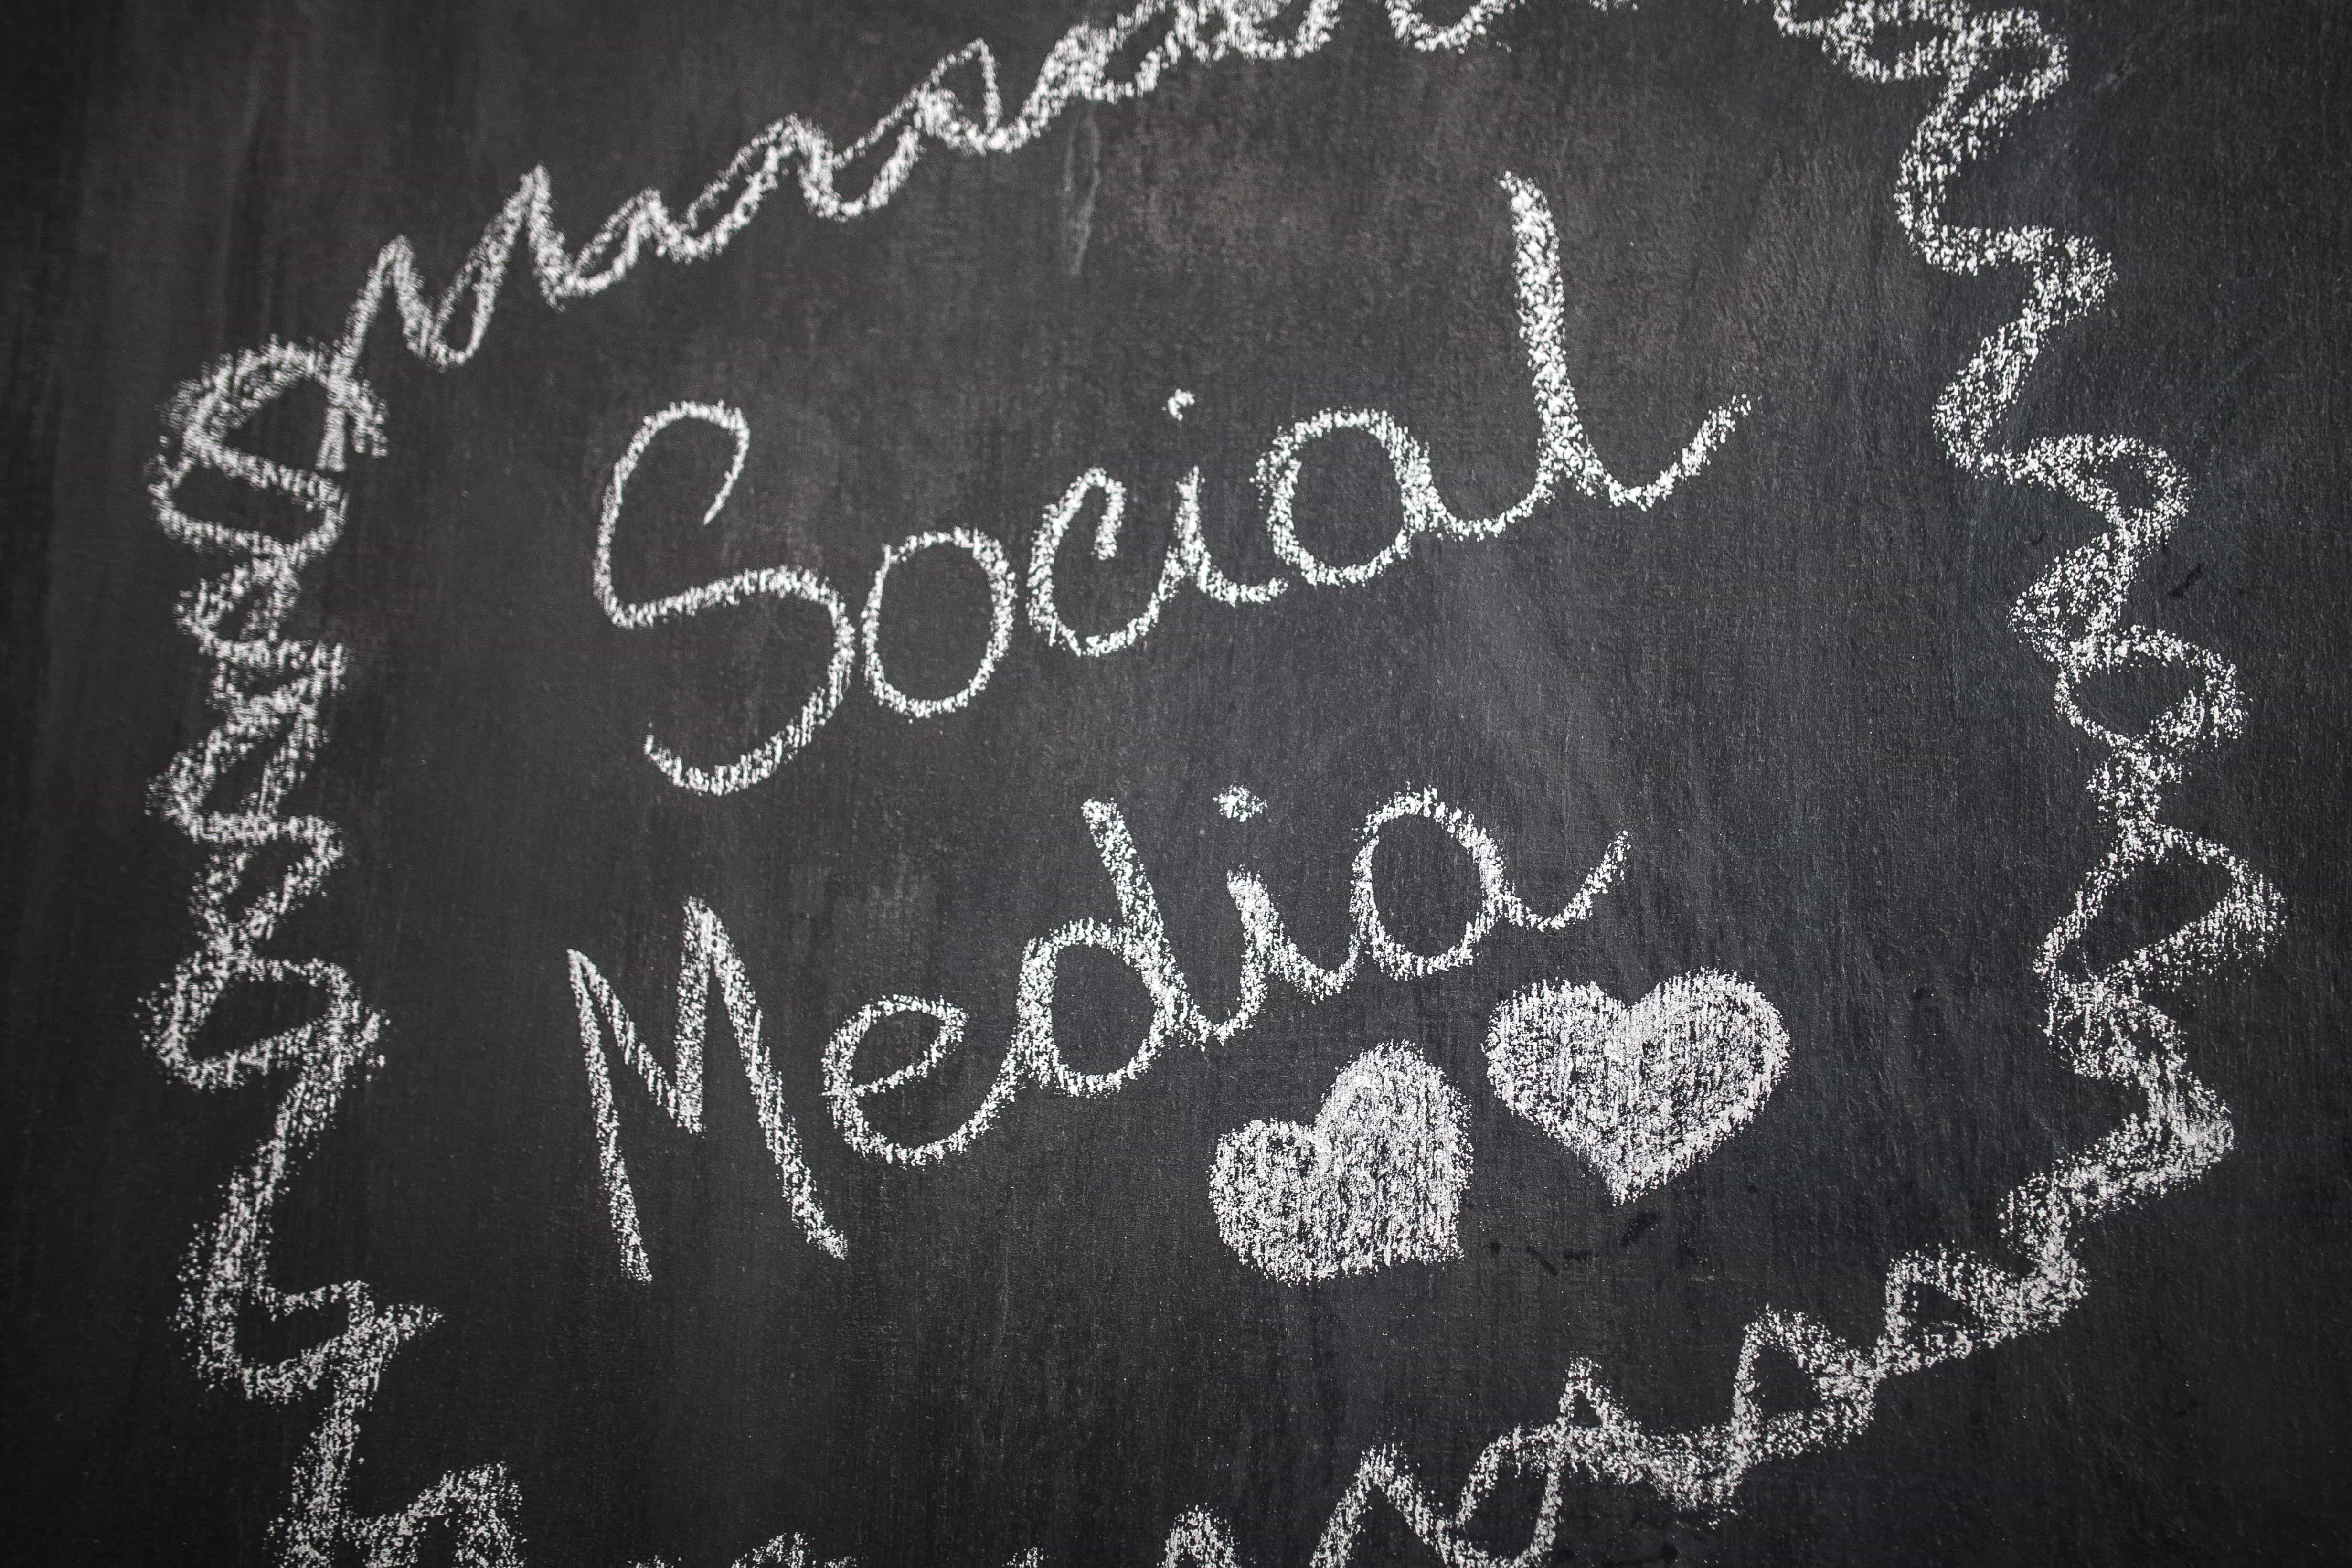 Réseaux sociaux : quels changements en 2017 pour votre agence social média Rouen ?